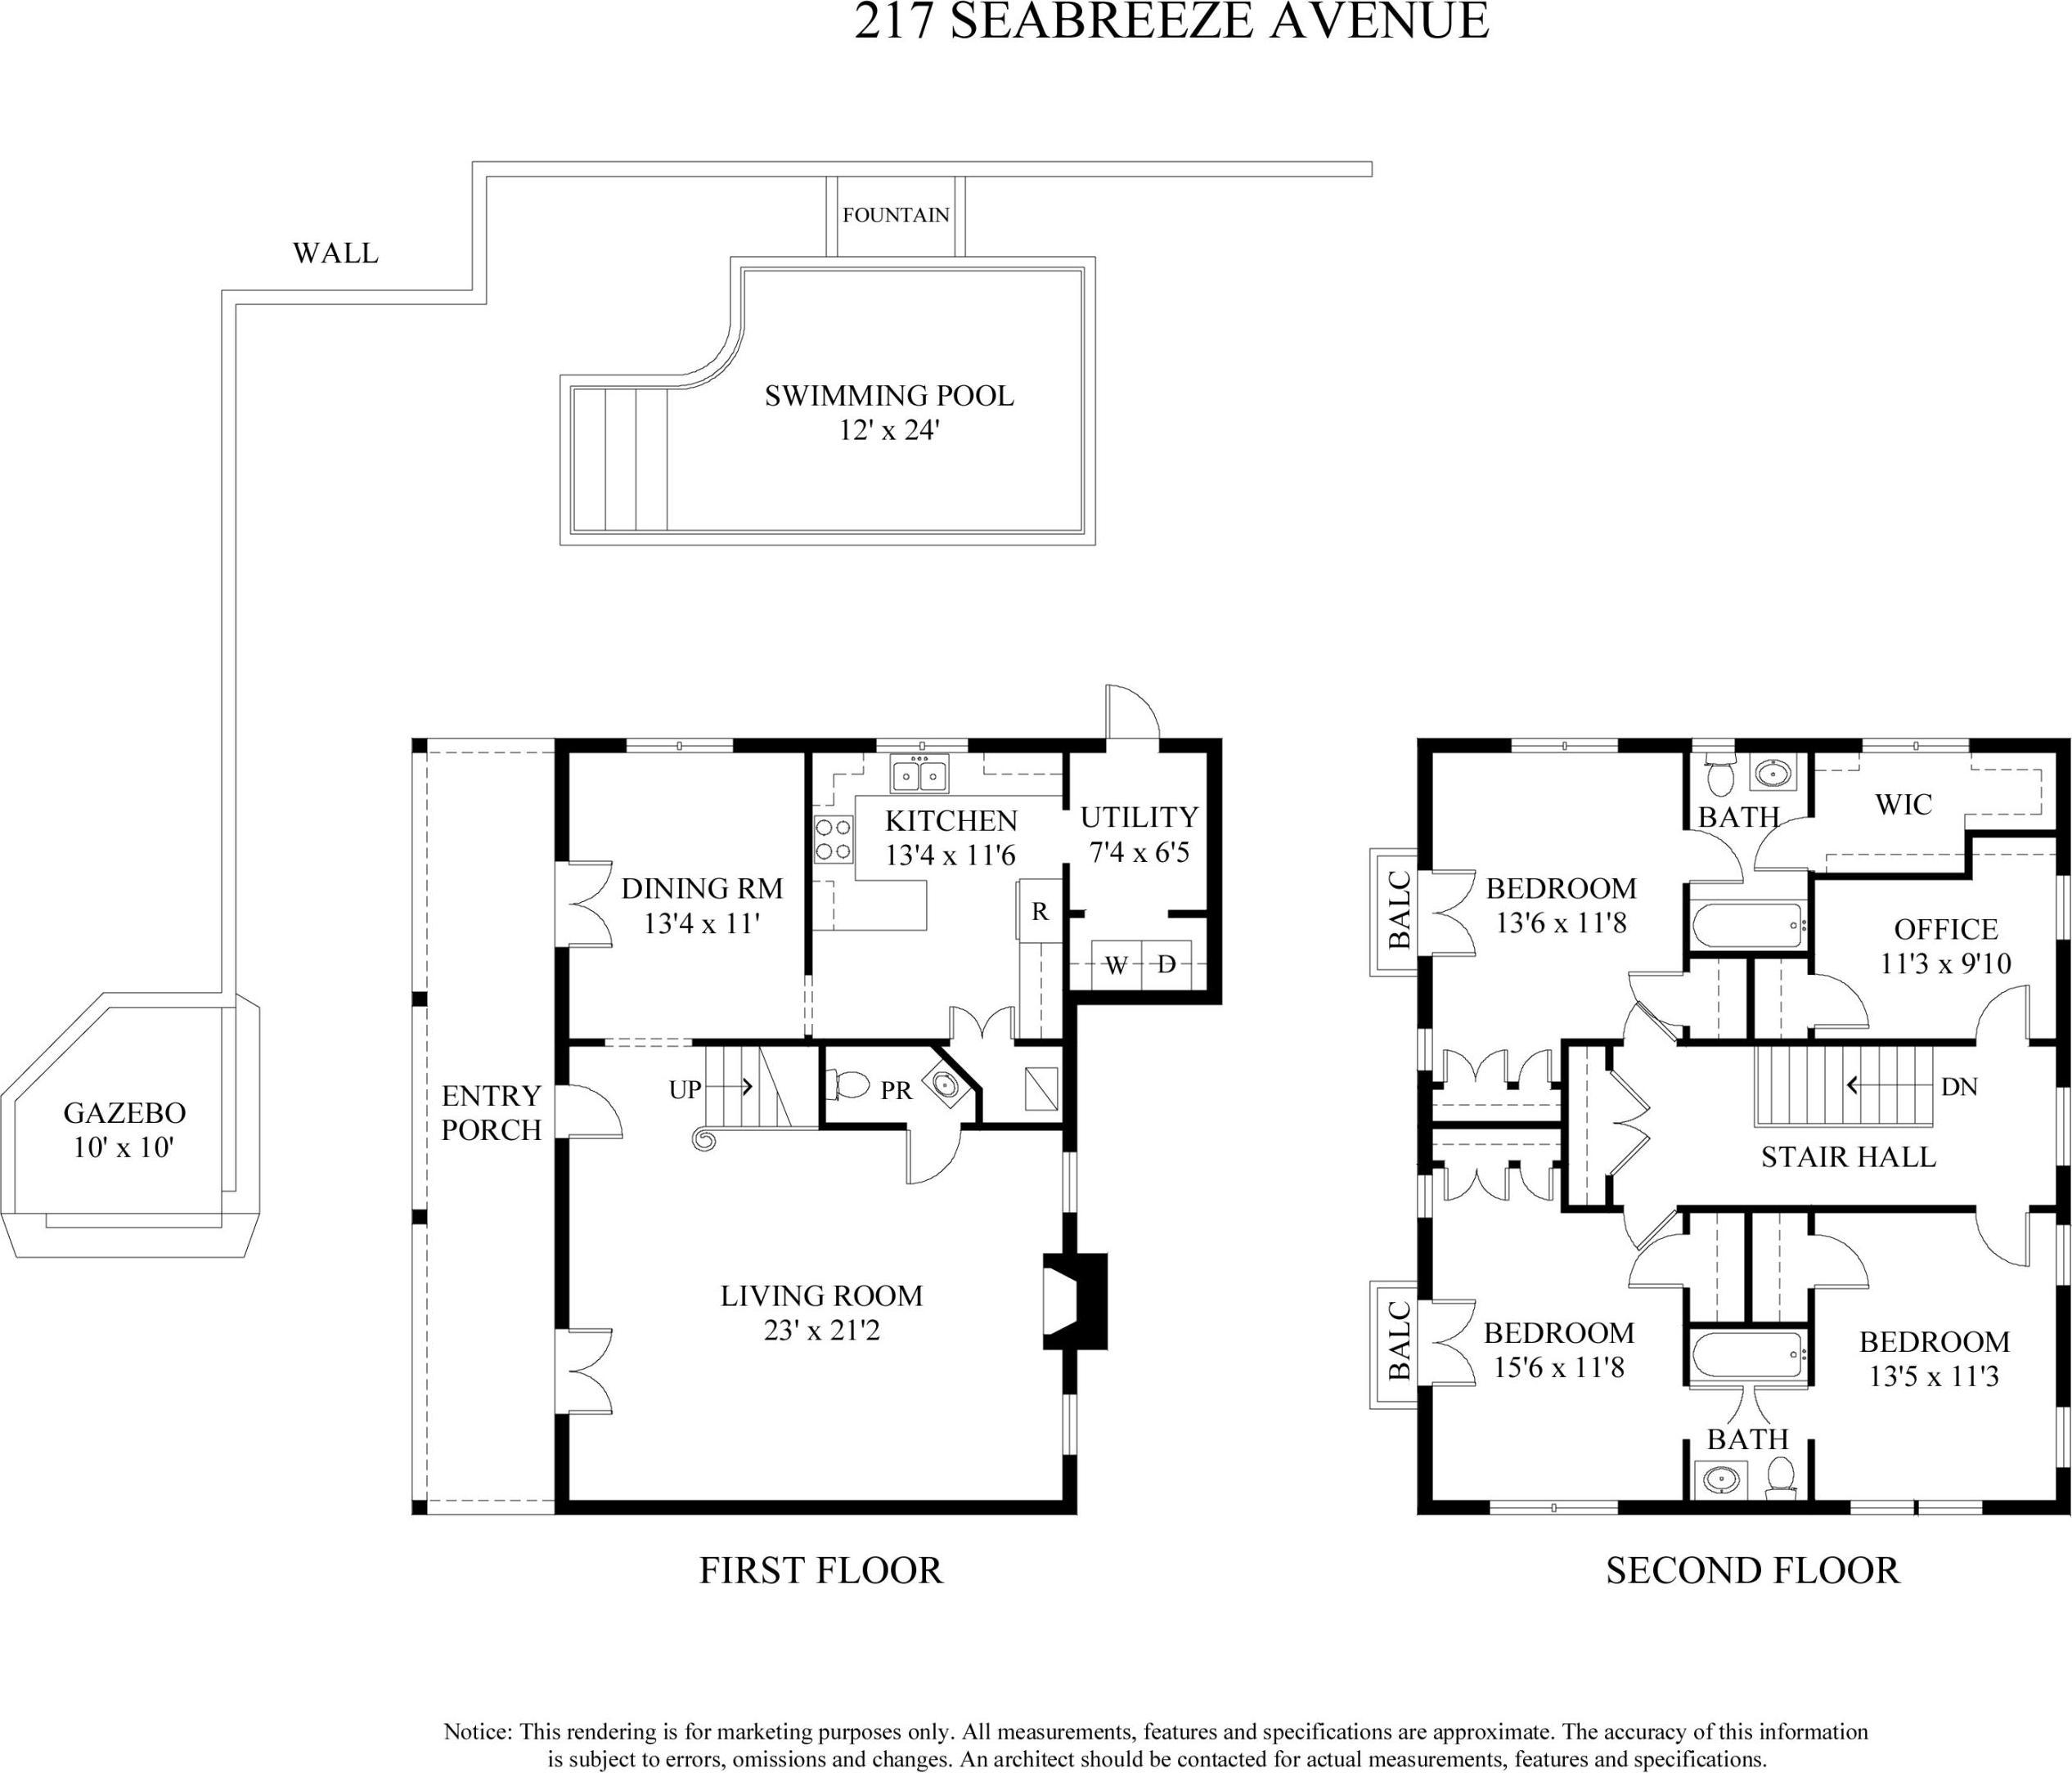 217 Seabreeze Avenue